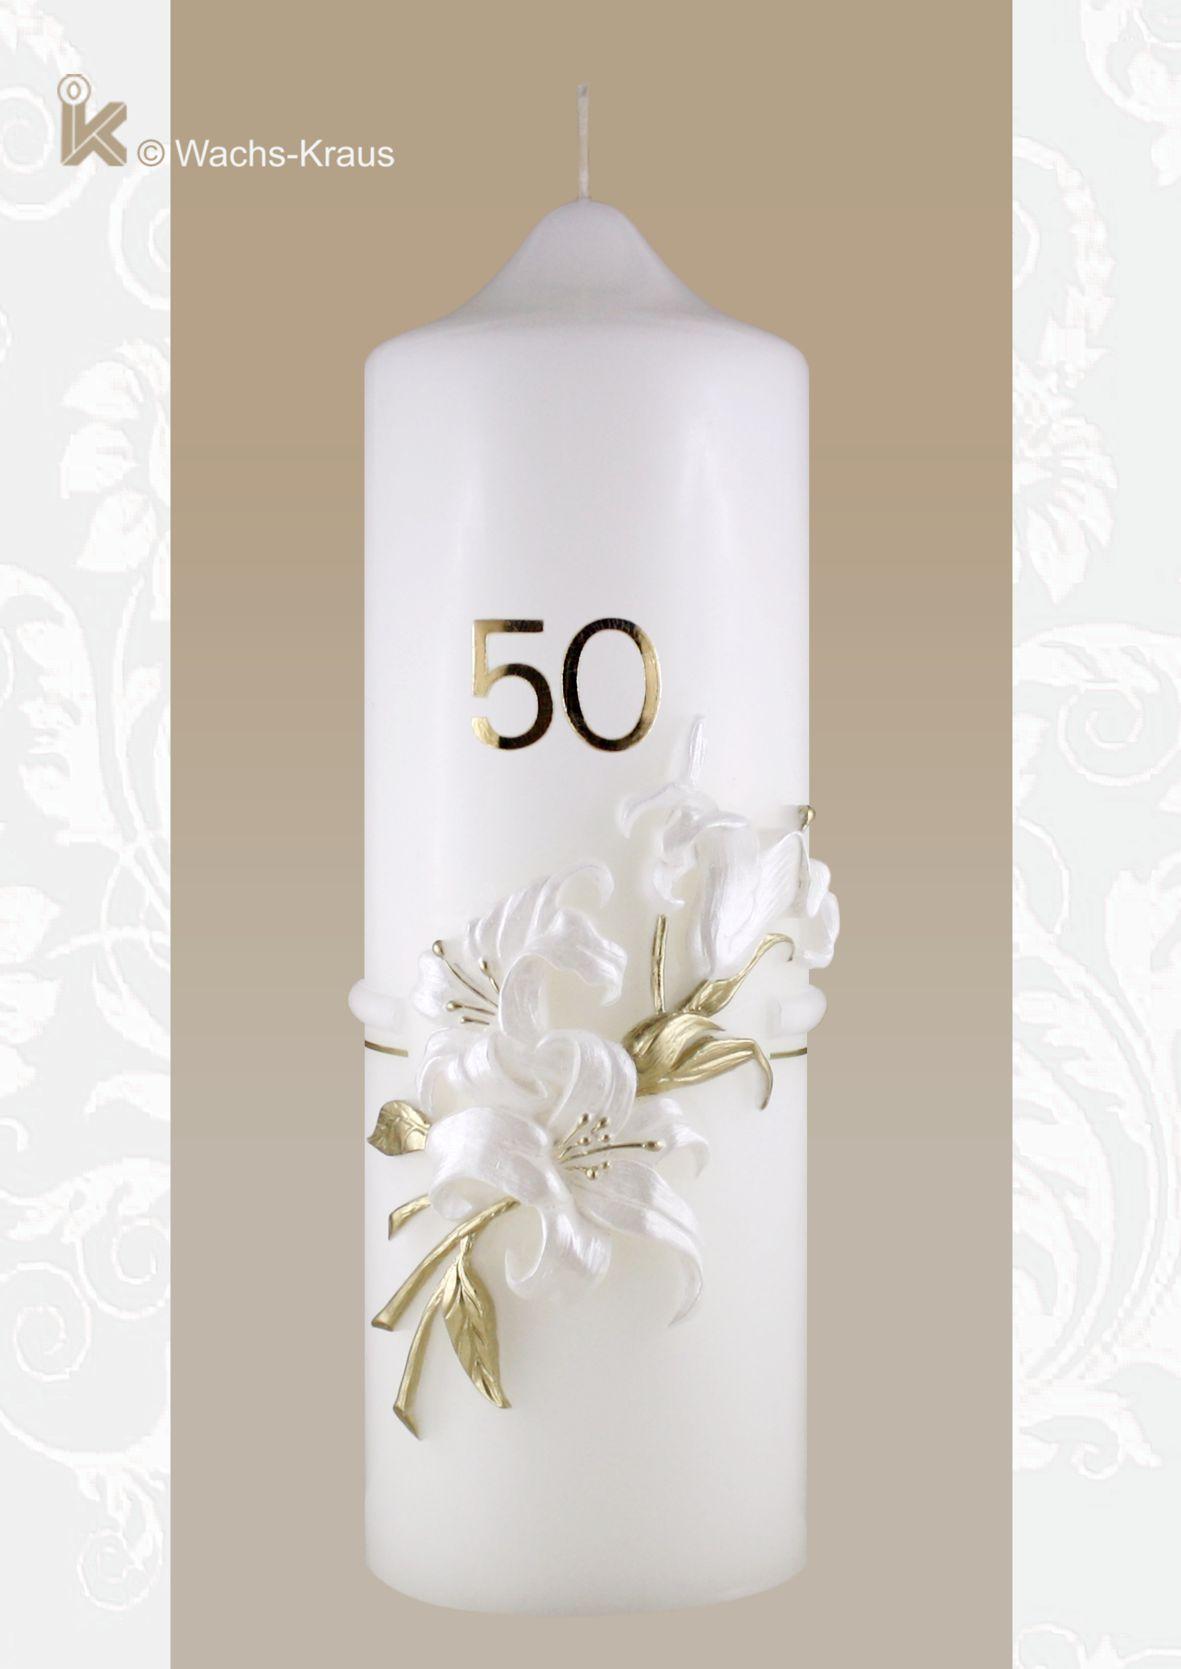 Wunderschön gearbeitete Kerze zum Geburtstag mit einer aus Wachs gegossenen Lilie.